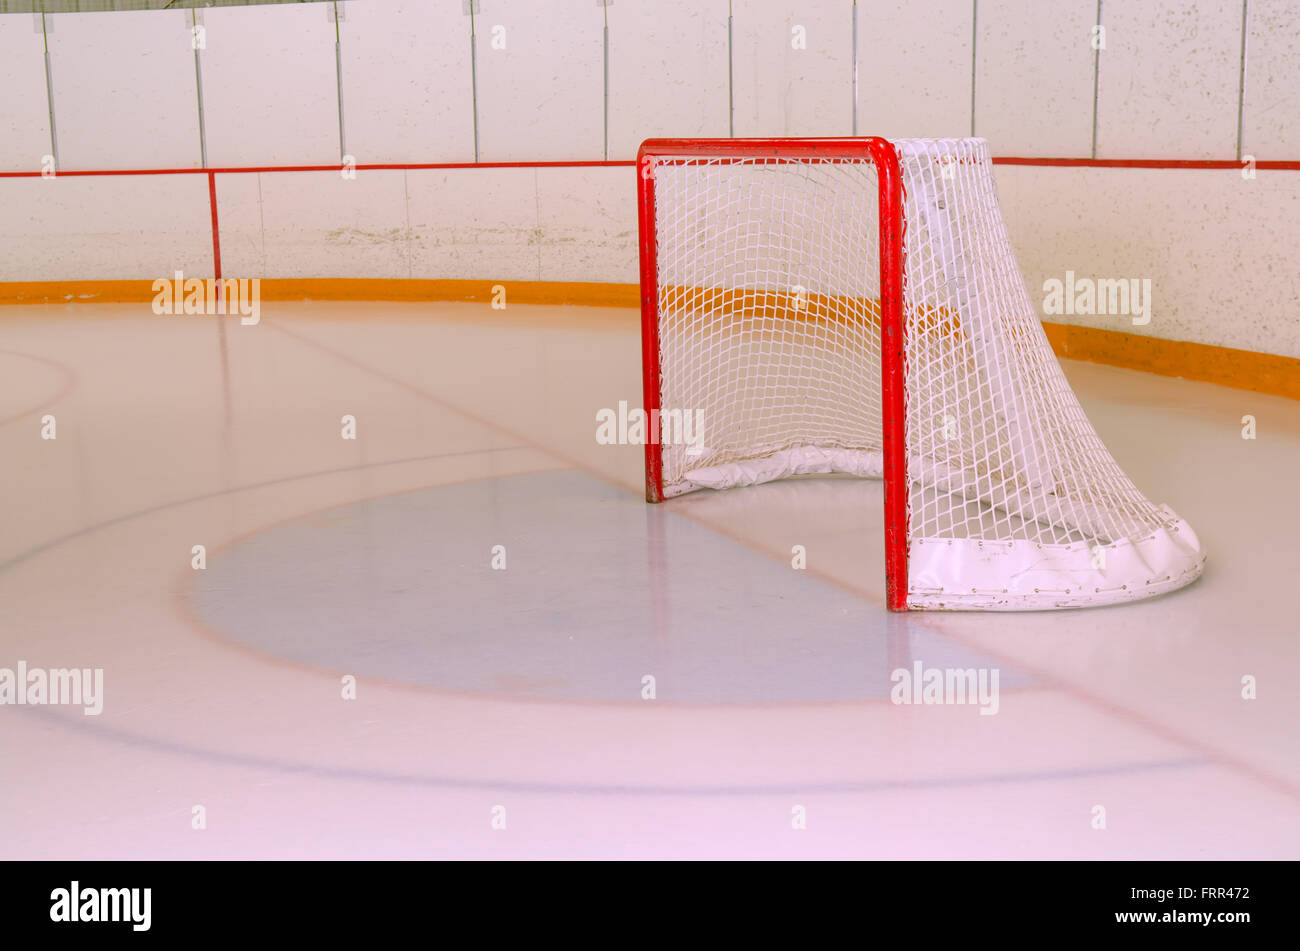 Un typique ou la ringuette Hockey Arena Net dans l'enceinte de l'Aréna Photo Stock